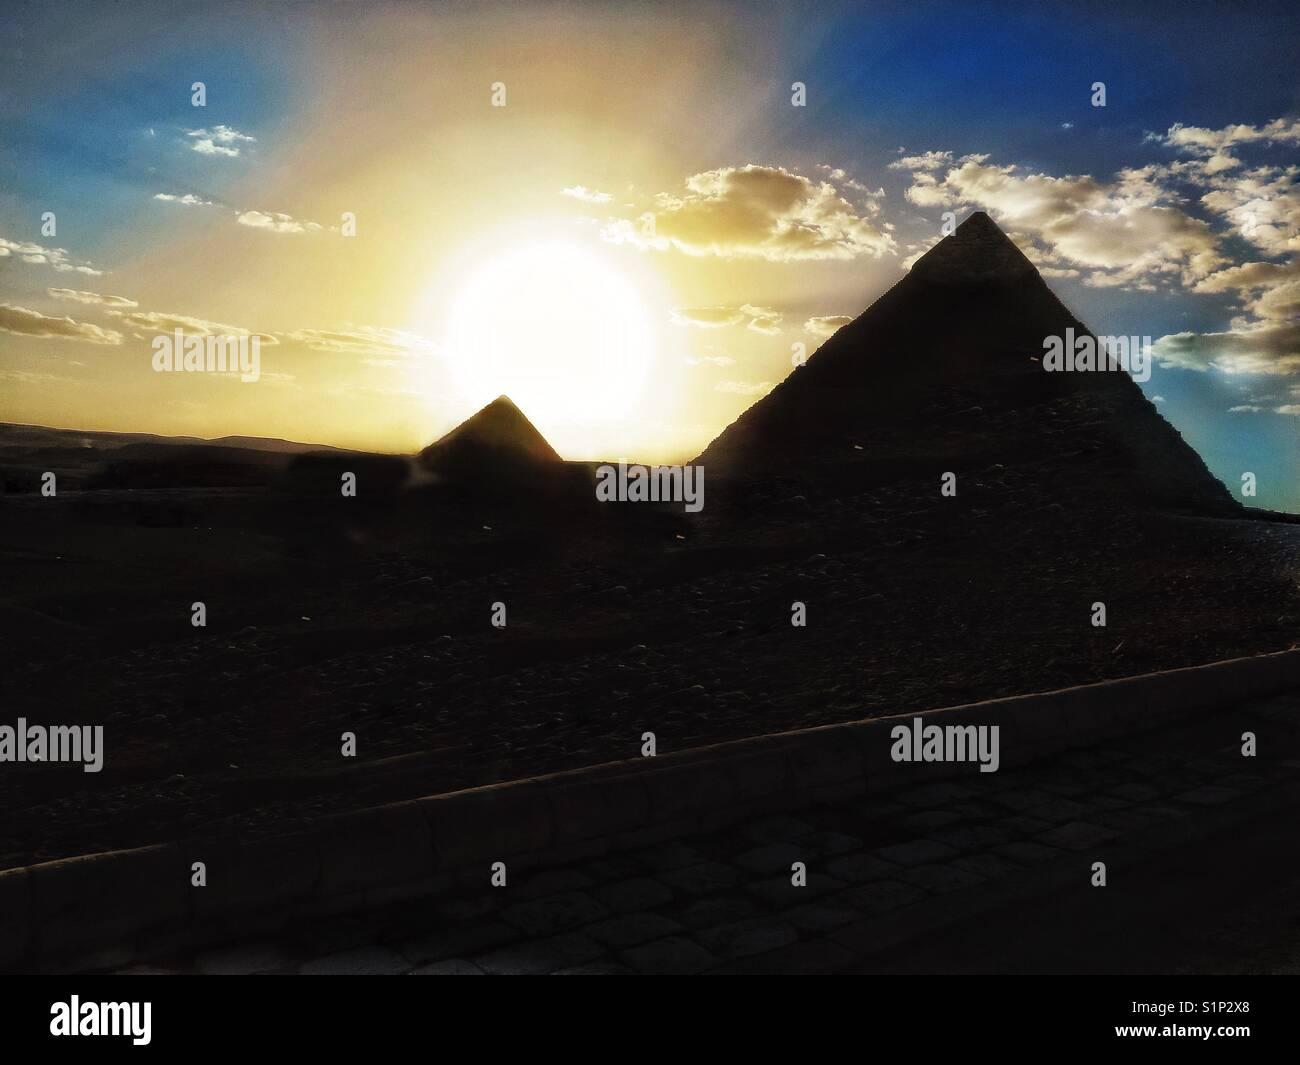 Piramidi al Cairo, Egitto Immagini Stock